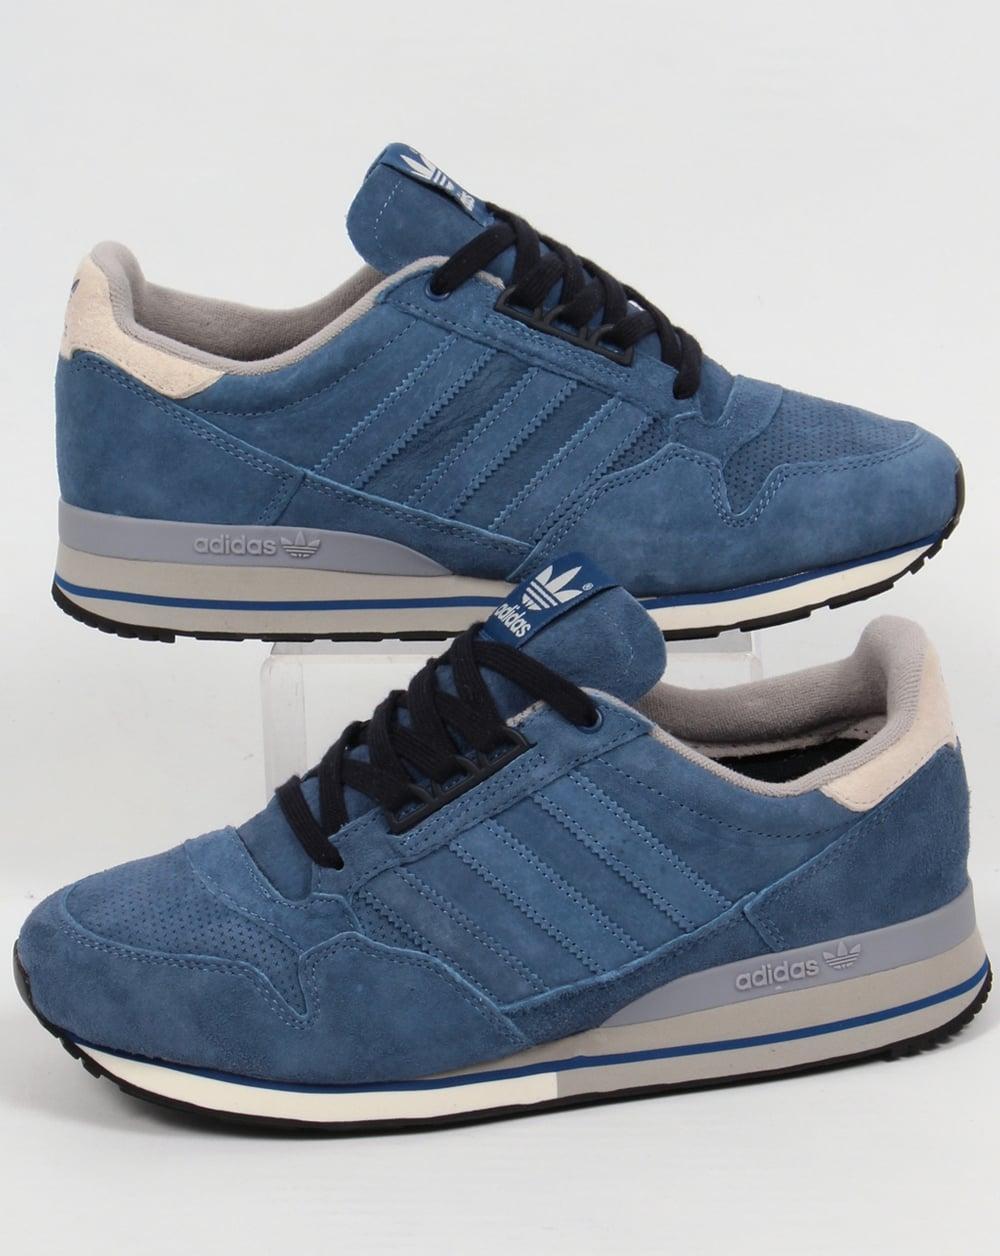 Adidas Zx 500 OG Ash Blue/Light Onix